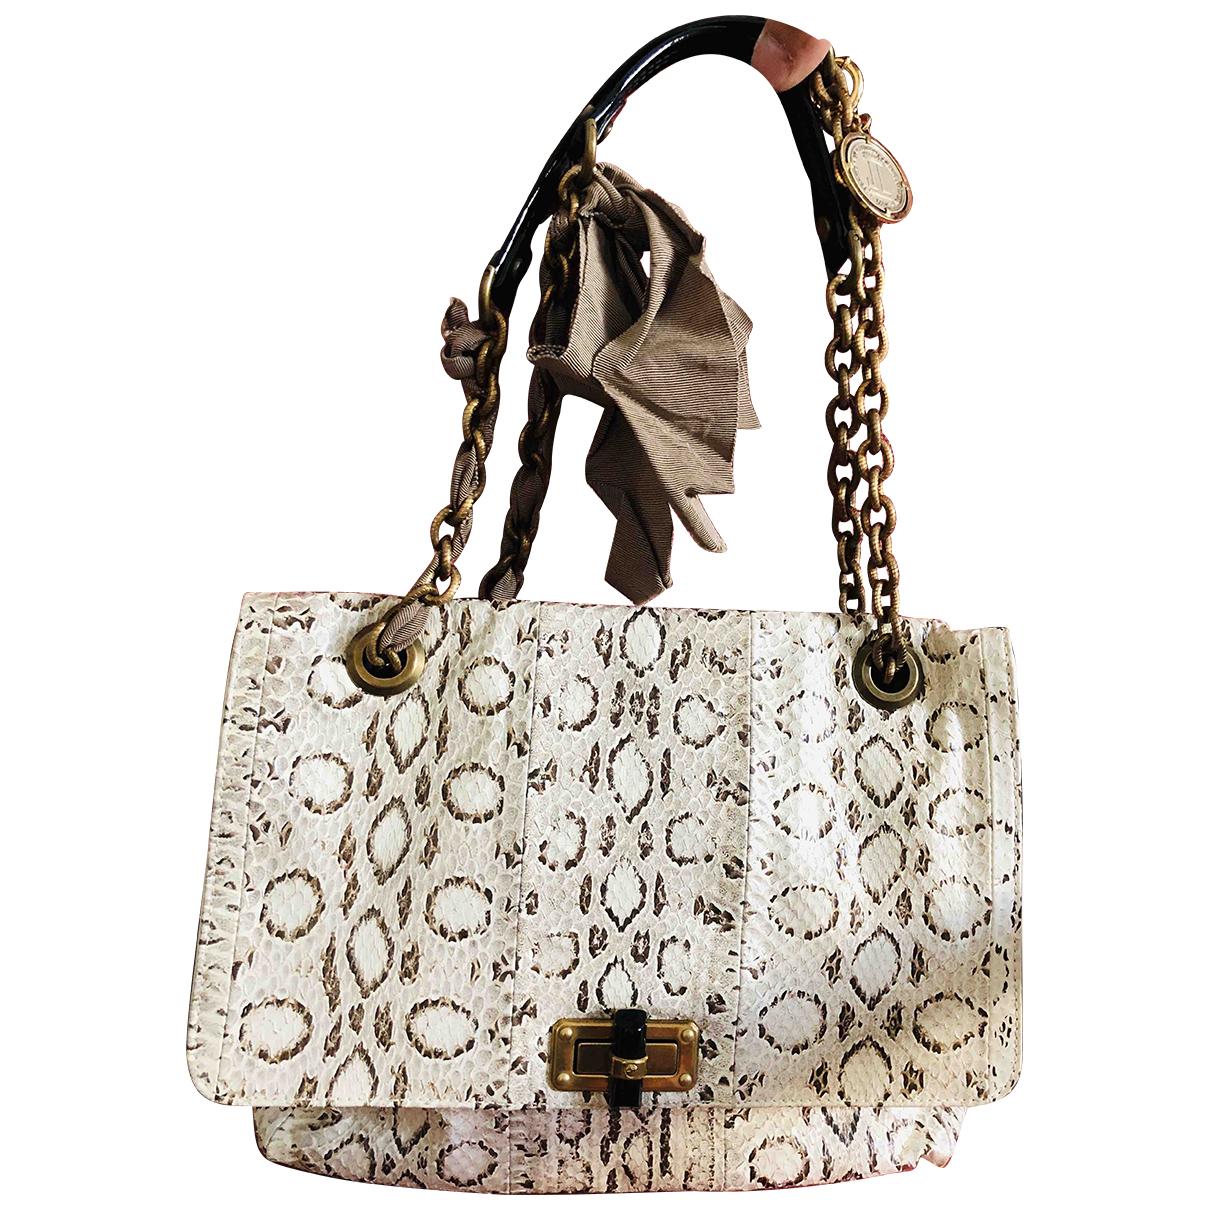 Lanvin Happy Handtasche in  Beige Python